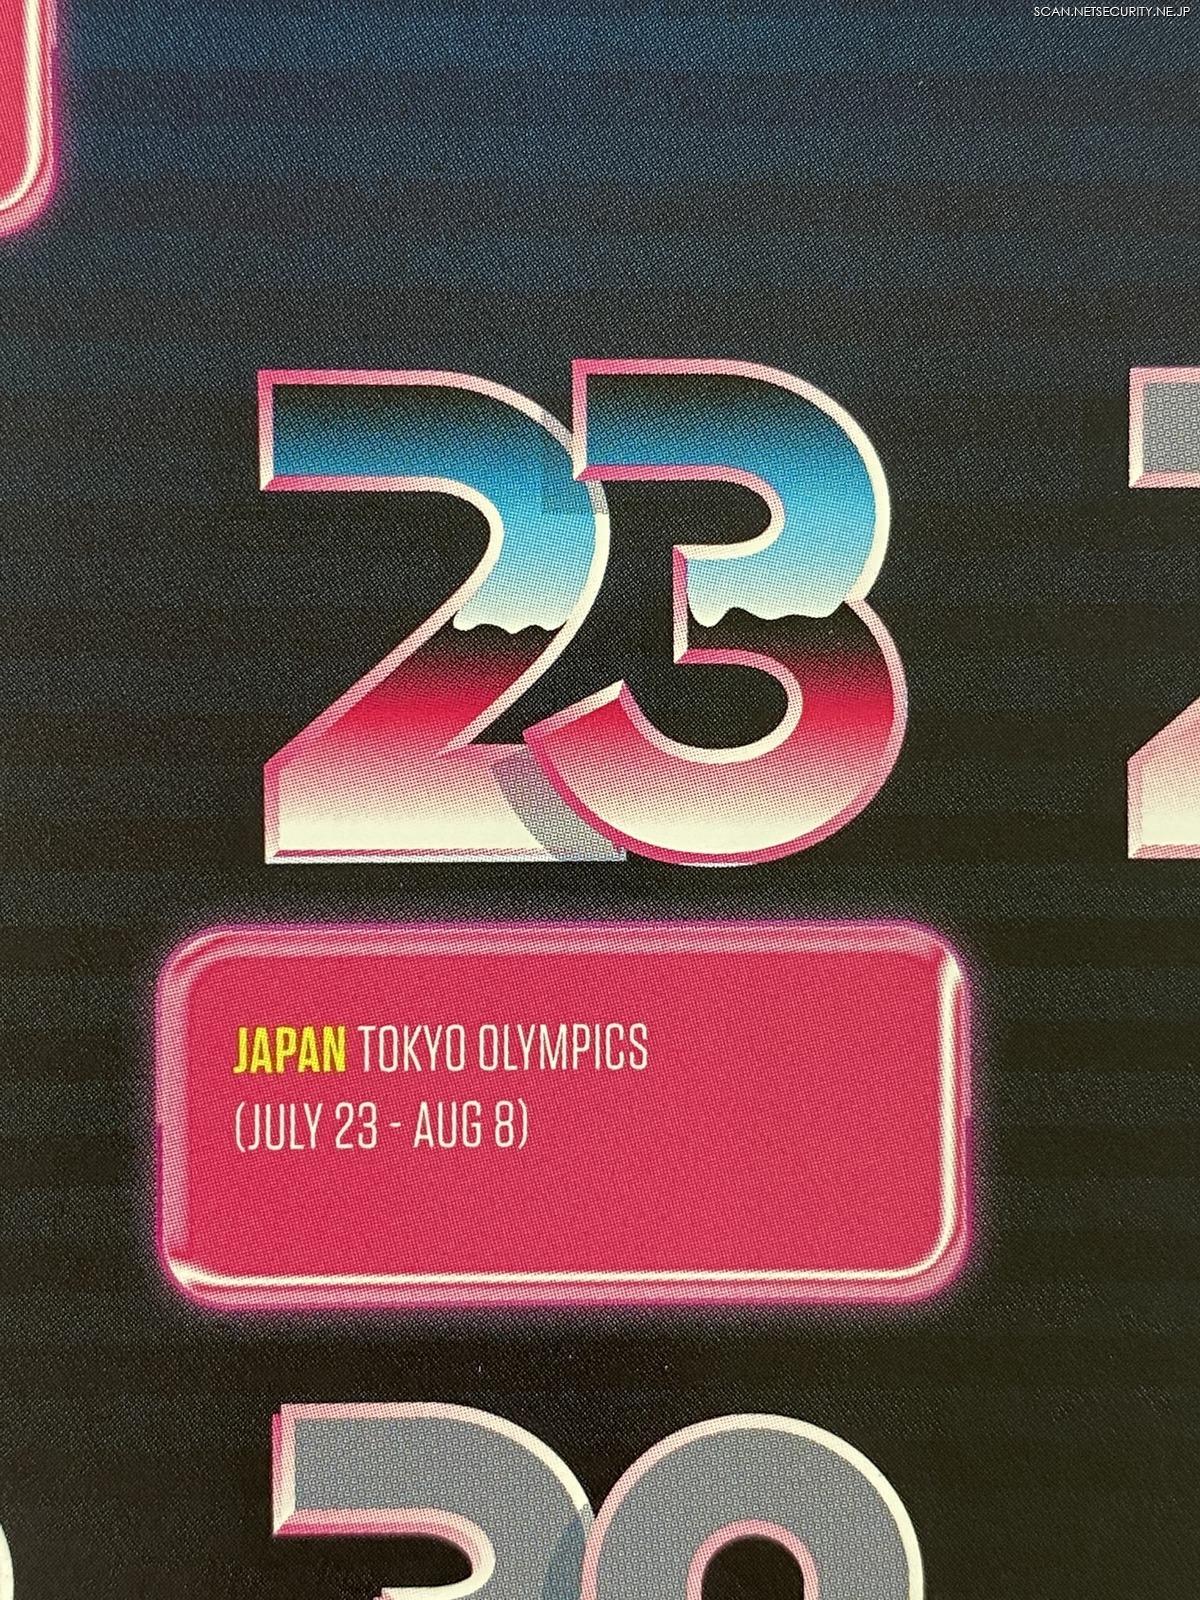 東京オリンピックは 6/23 - 8/8 と記載(2021 CrowdStrike カレンダー)